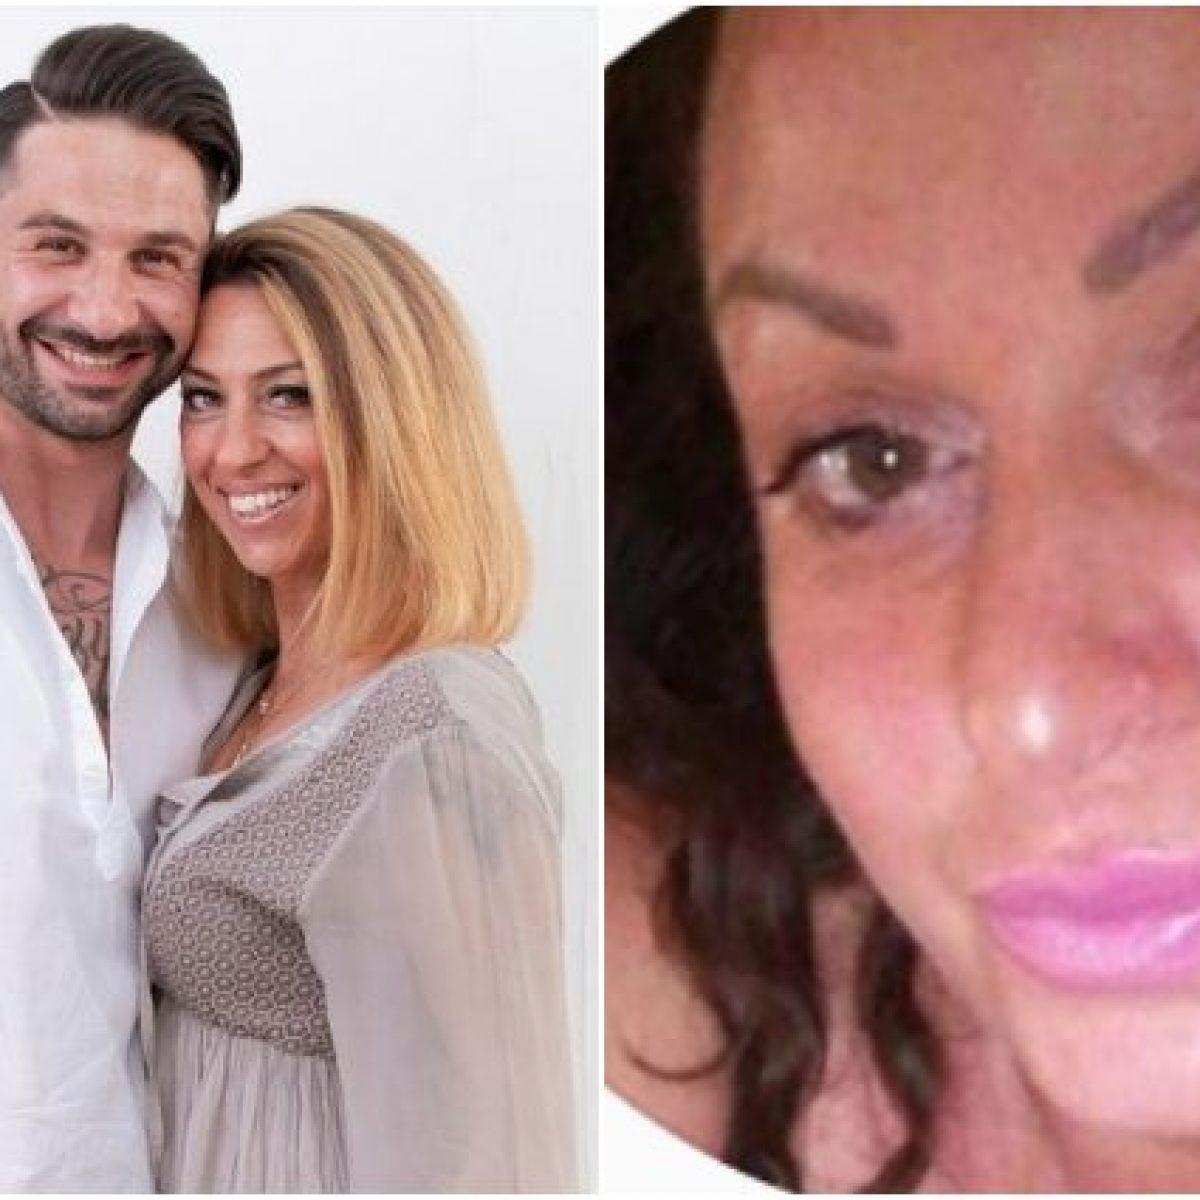 Antonio Martello, spunta un'altra donna: Ci siamo baciati, si ...